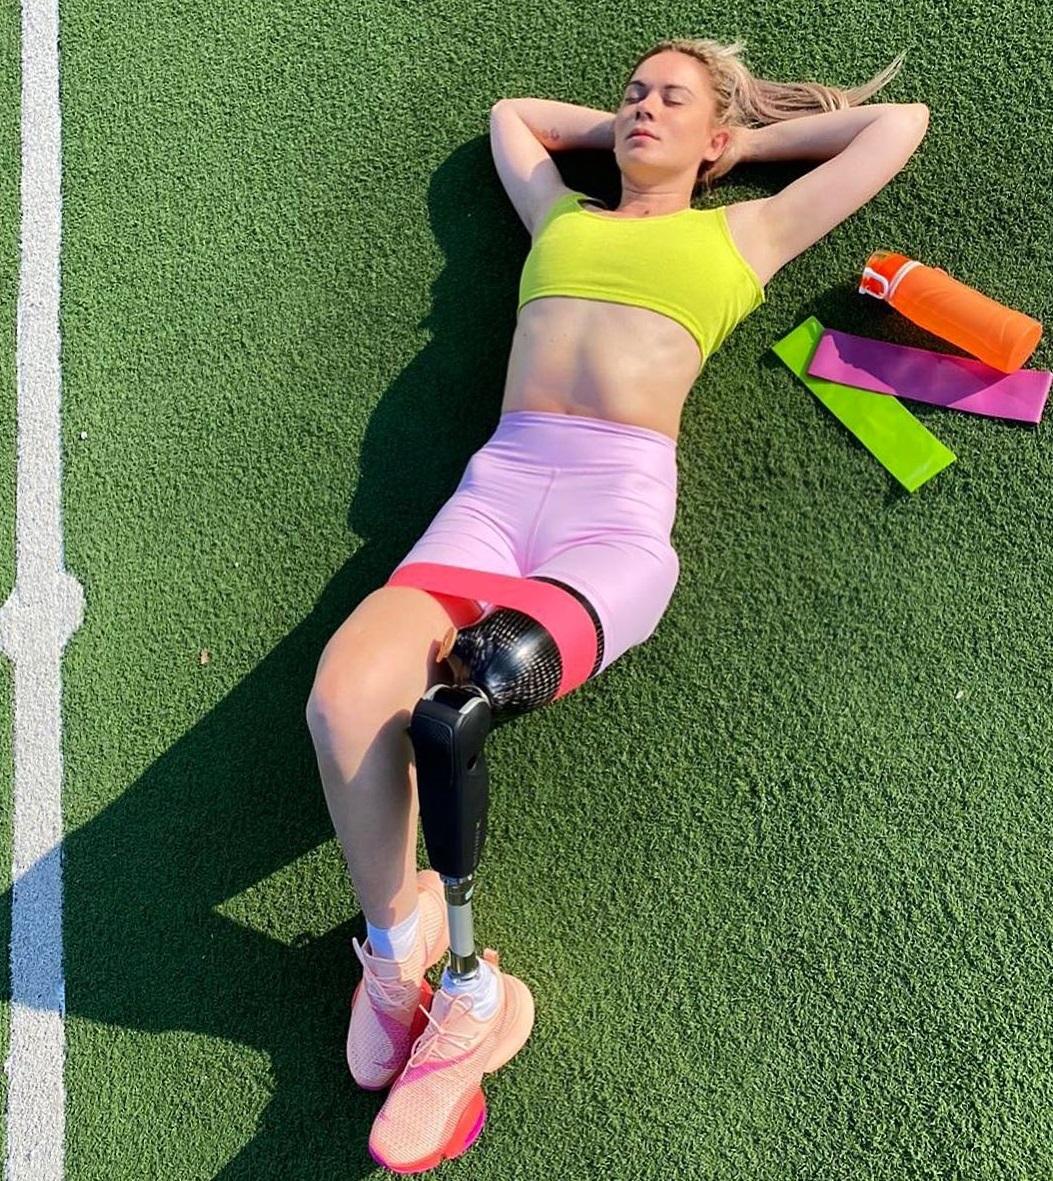 Девушка, как и раньше, продолжает активно заниматься спортом, причем теперь это не просто личная воля— это необходимость, так как протез очень тяжелый, и чтобы его носить, нужно быть в отличной физической форме